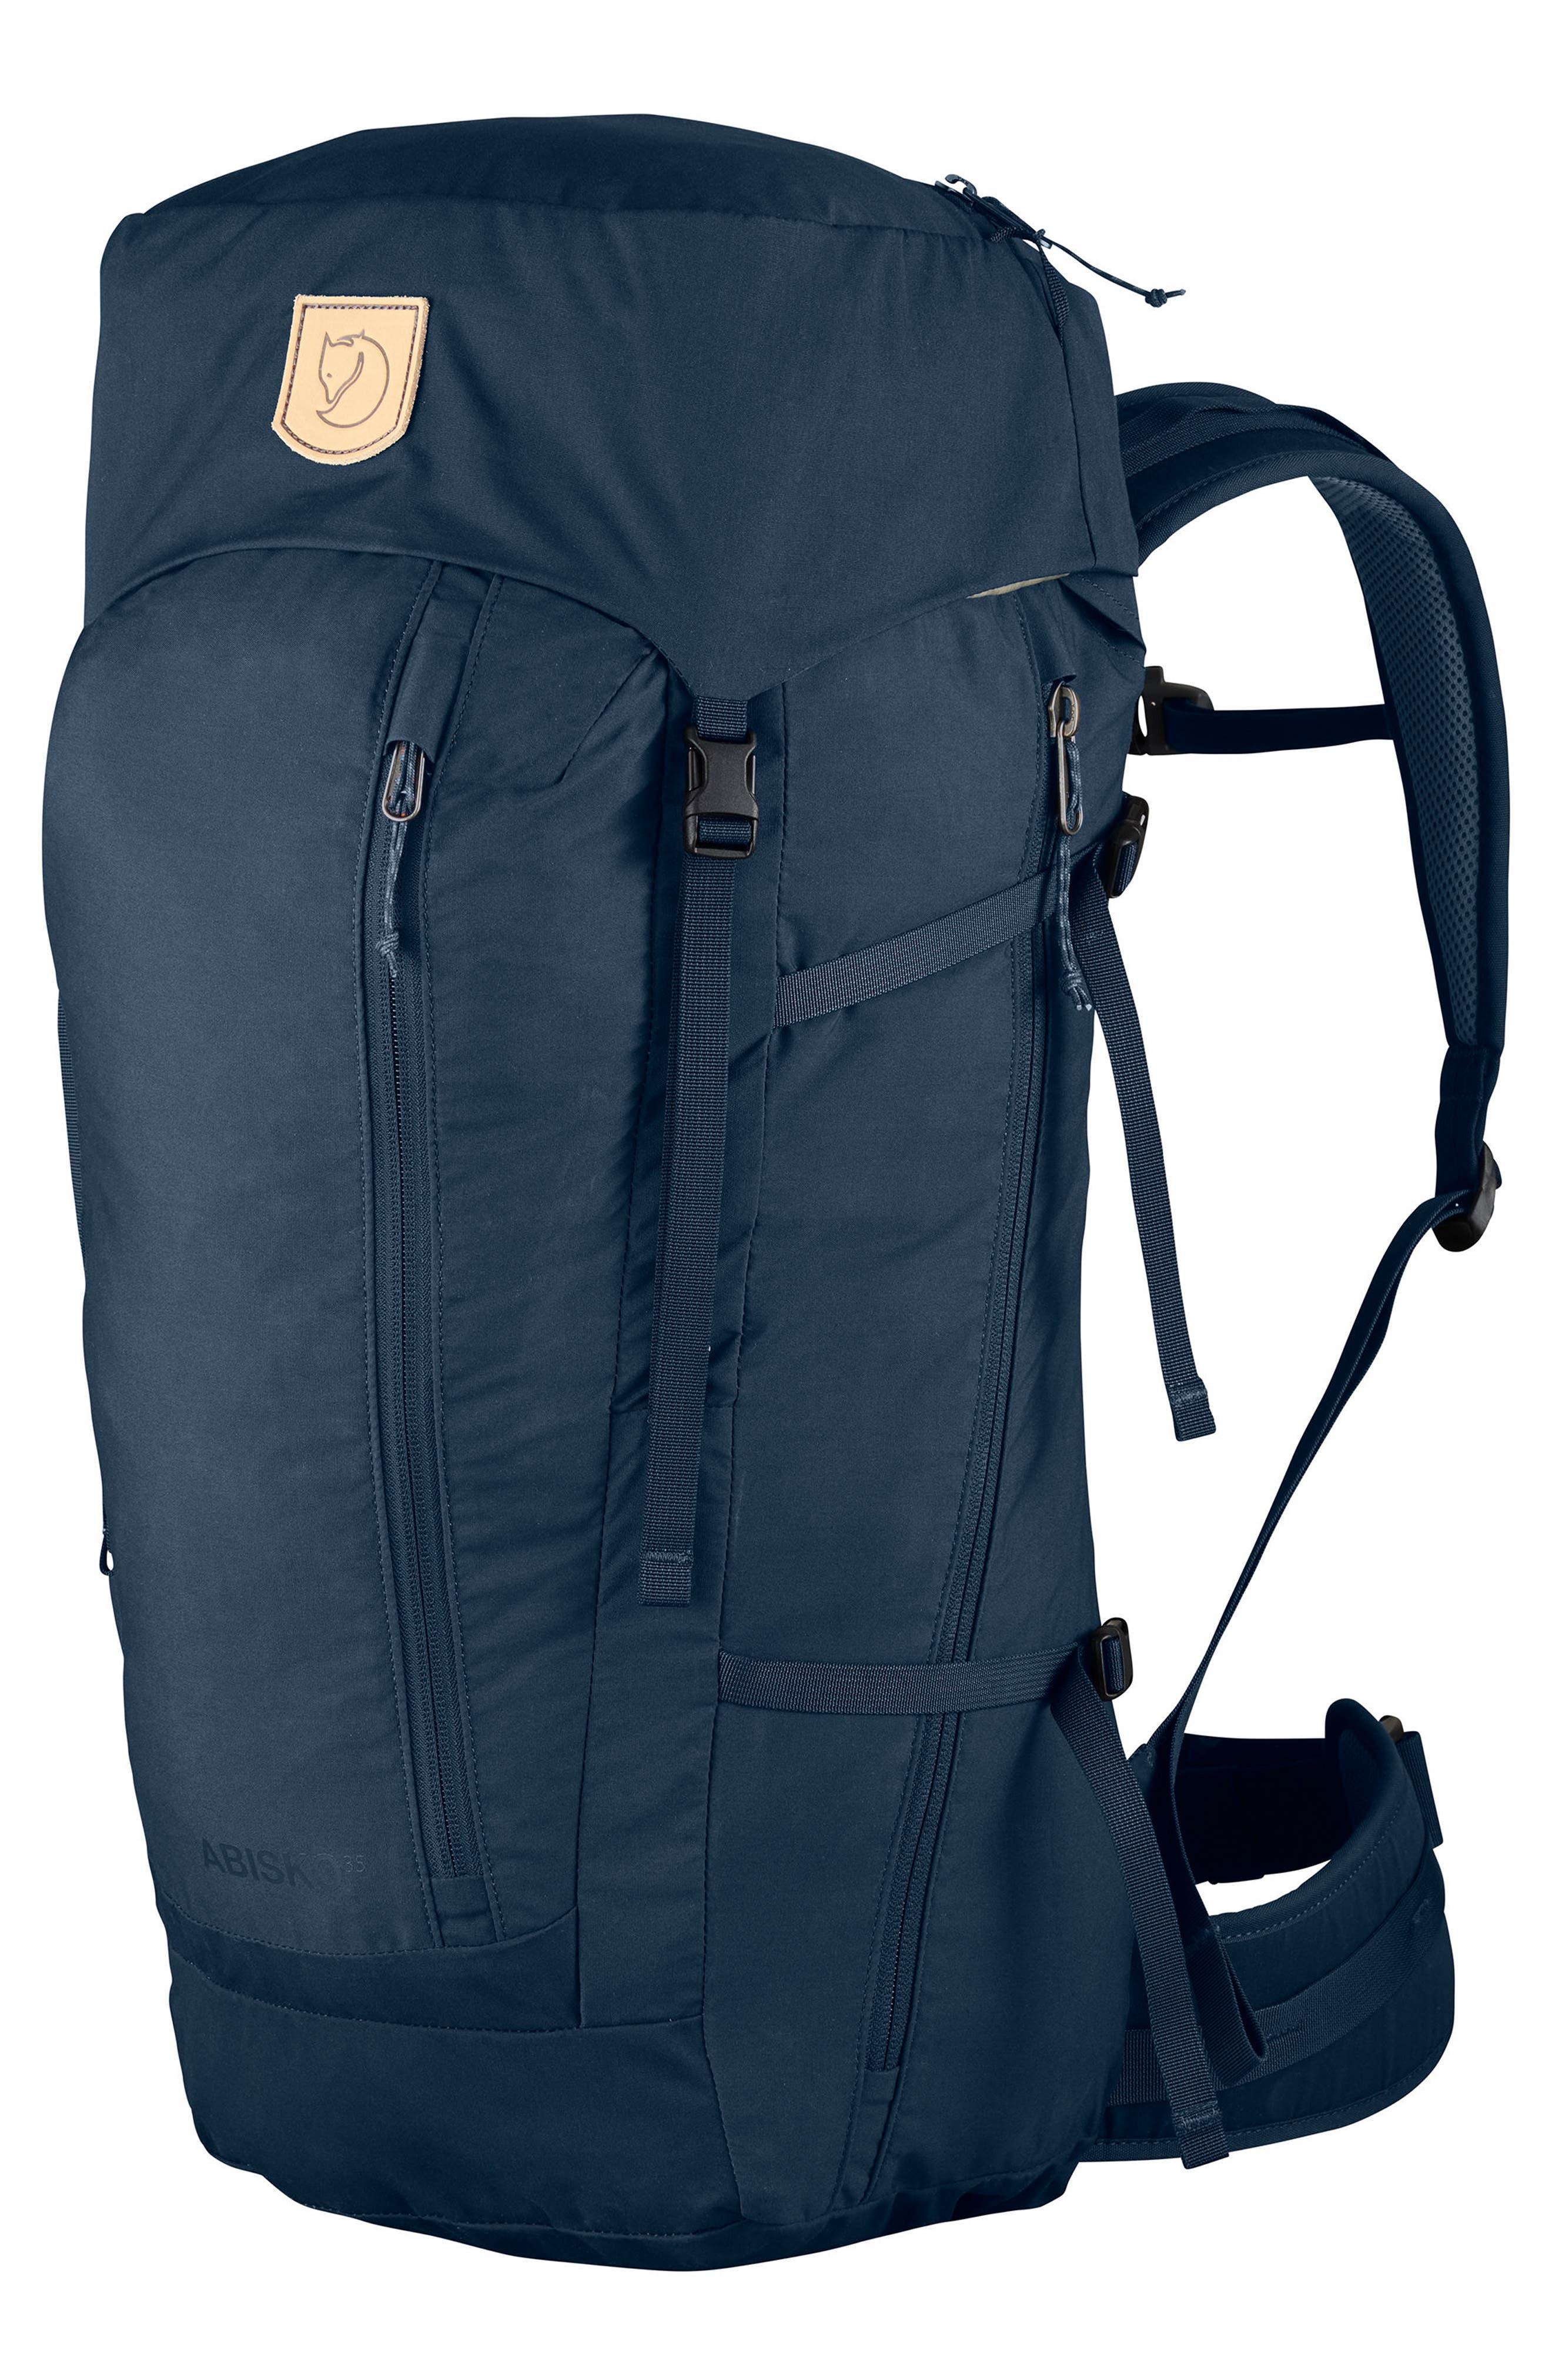 Abisko 35 Hiking Backpack